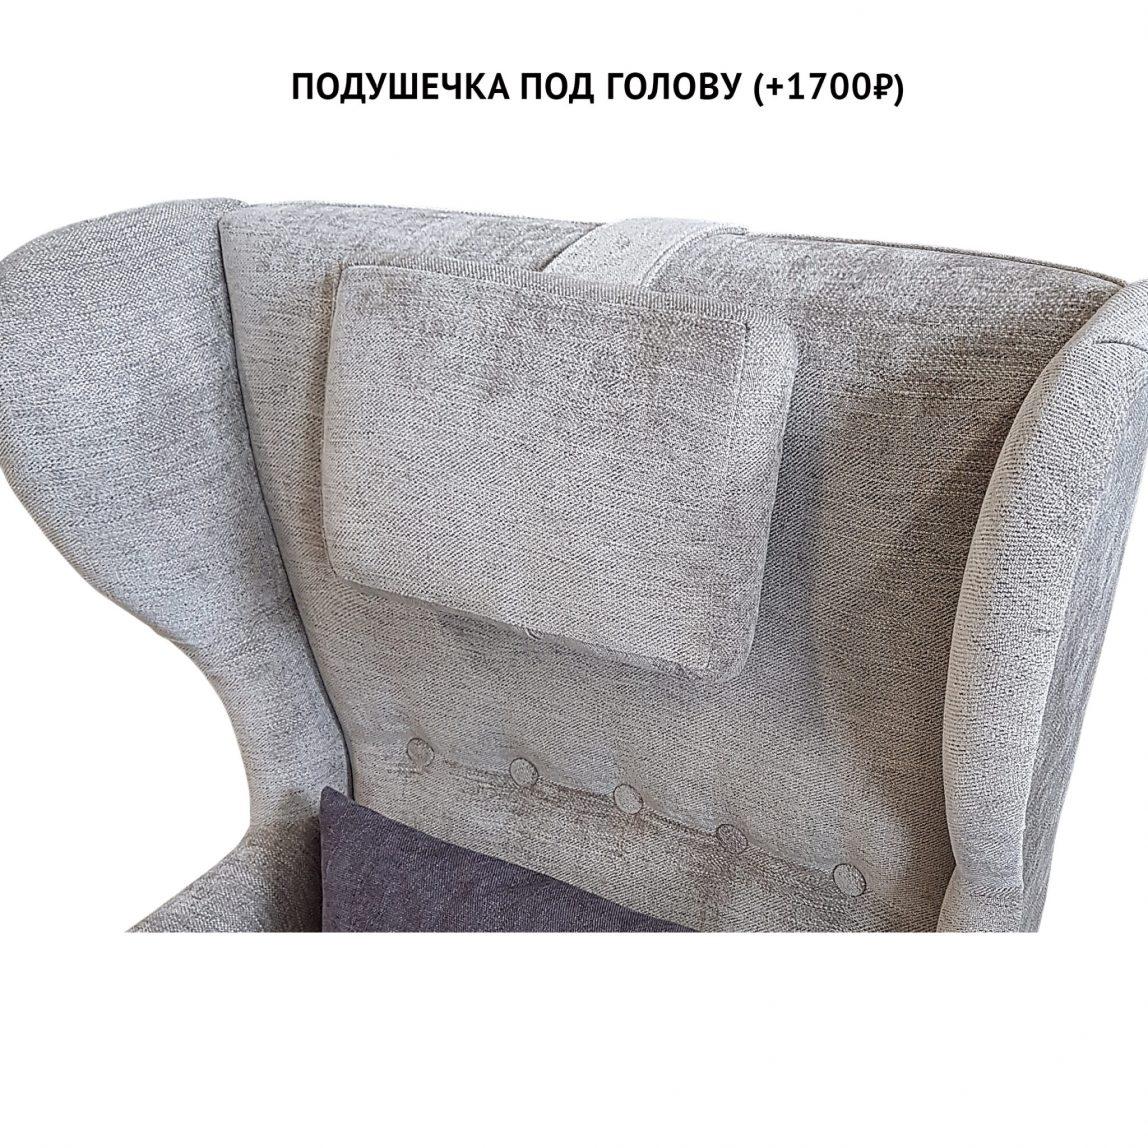 подушечка под голову в кресло